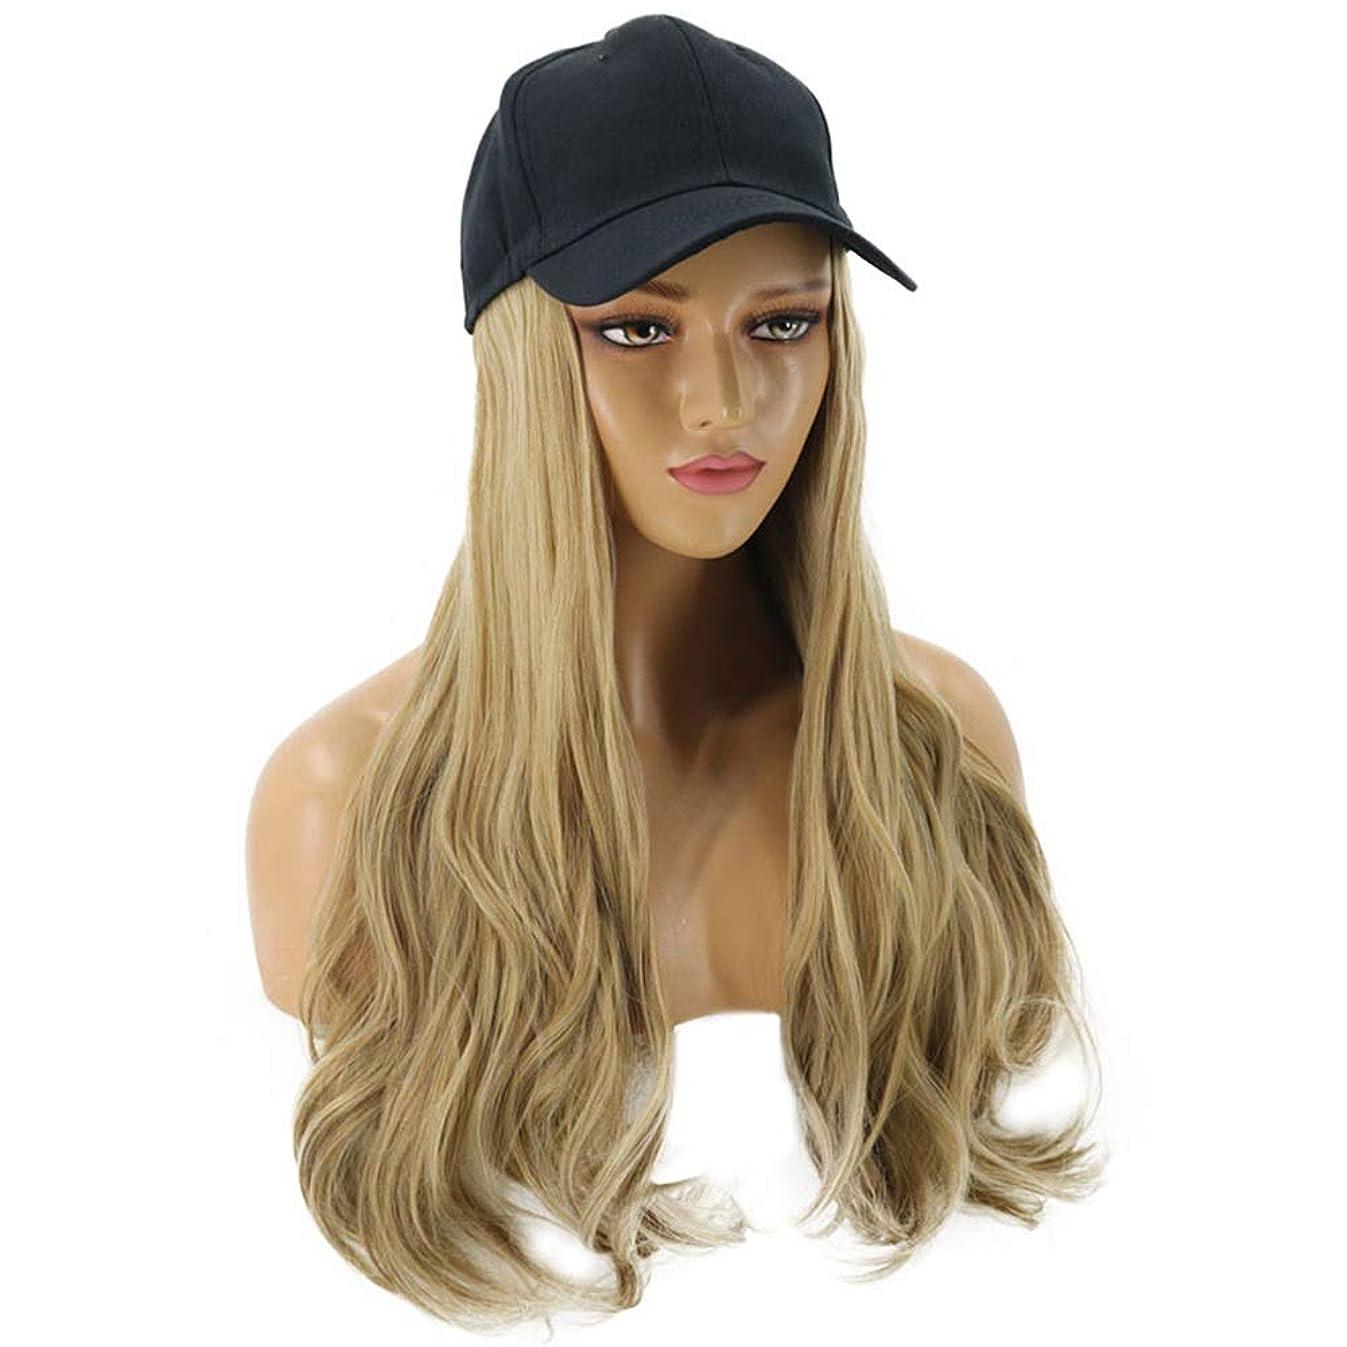 一人でメインHAILAN HOME-かつら 女性のファッションノベルティかつらハットワンピース帽子ウィッグForesightfulカーリーヘアグラデーションブラウンワンピース取り外し可能 (色 : Mixed gold)